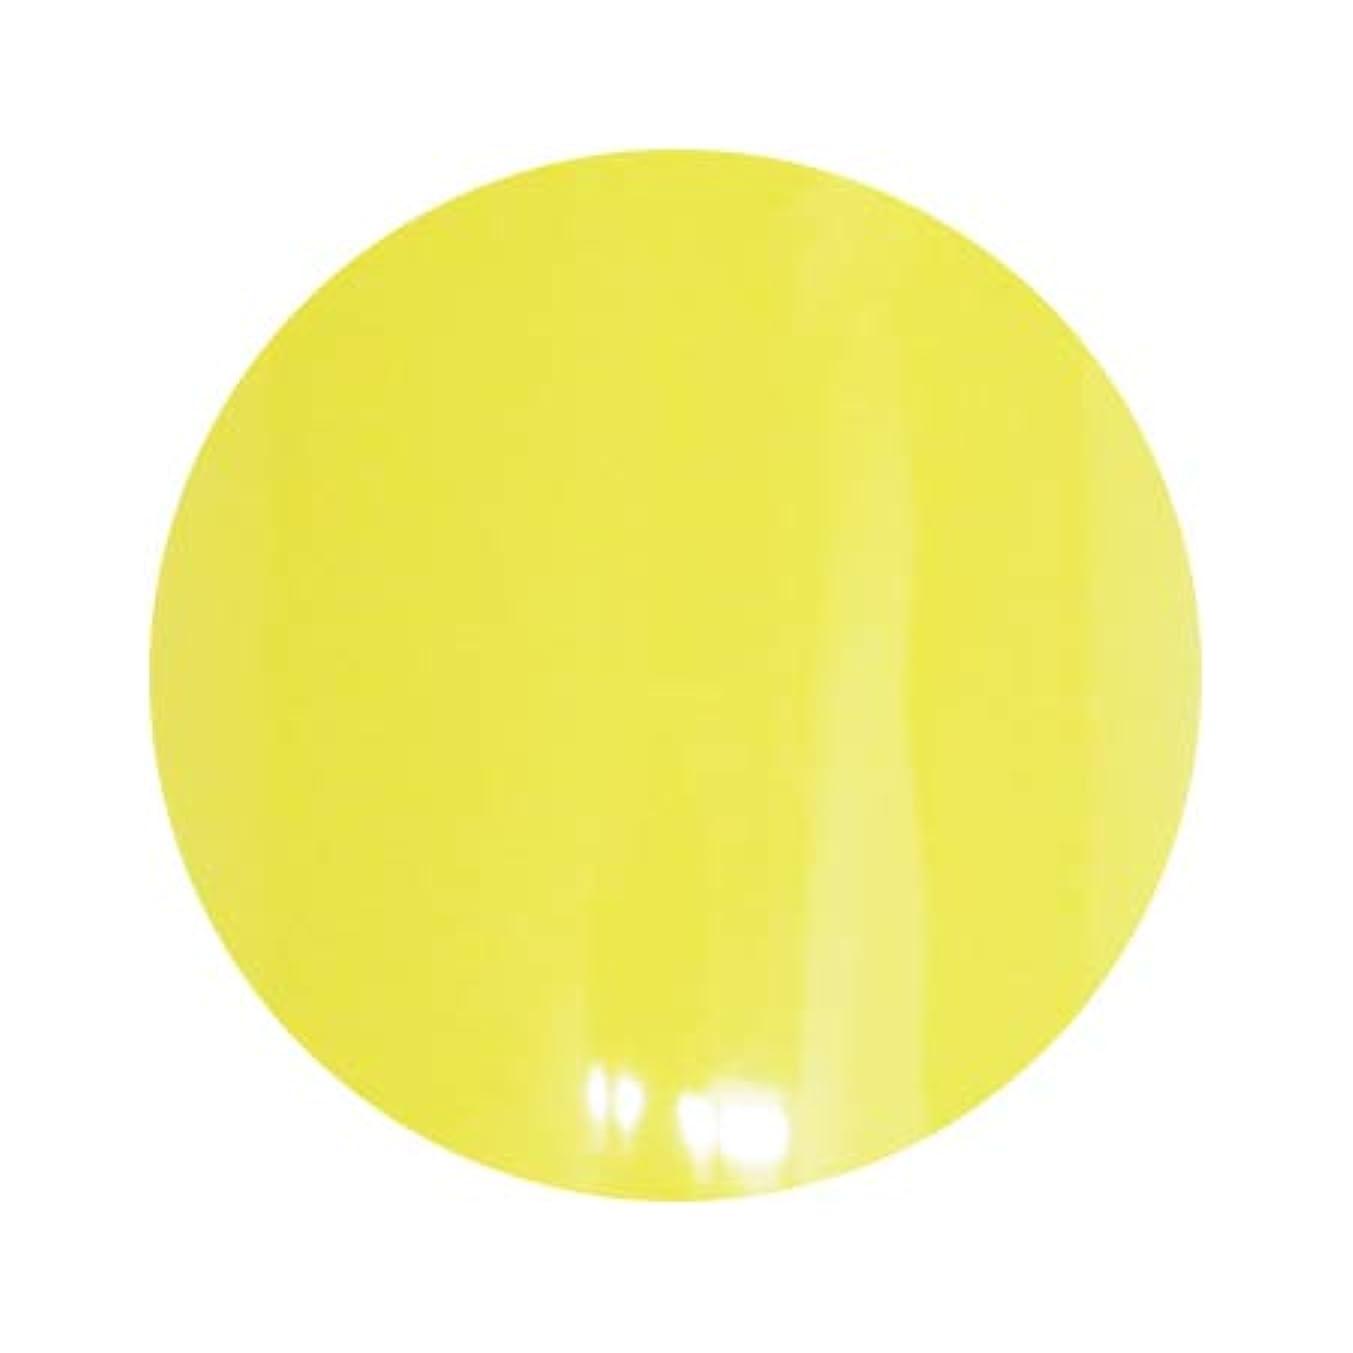 局プレーヤージェーンオースティンLUCU GEL ルクジェル カラー YET01 シトロン 3.5g